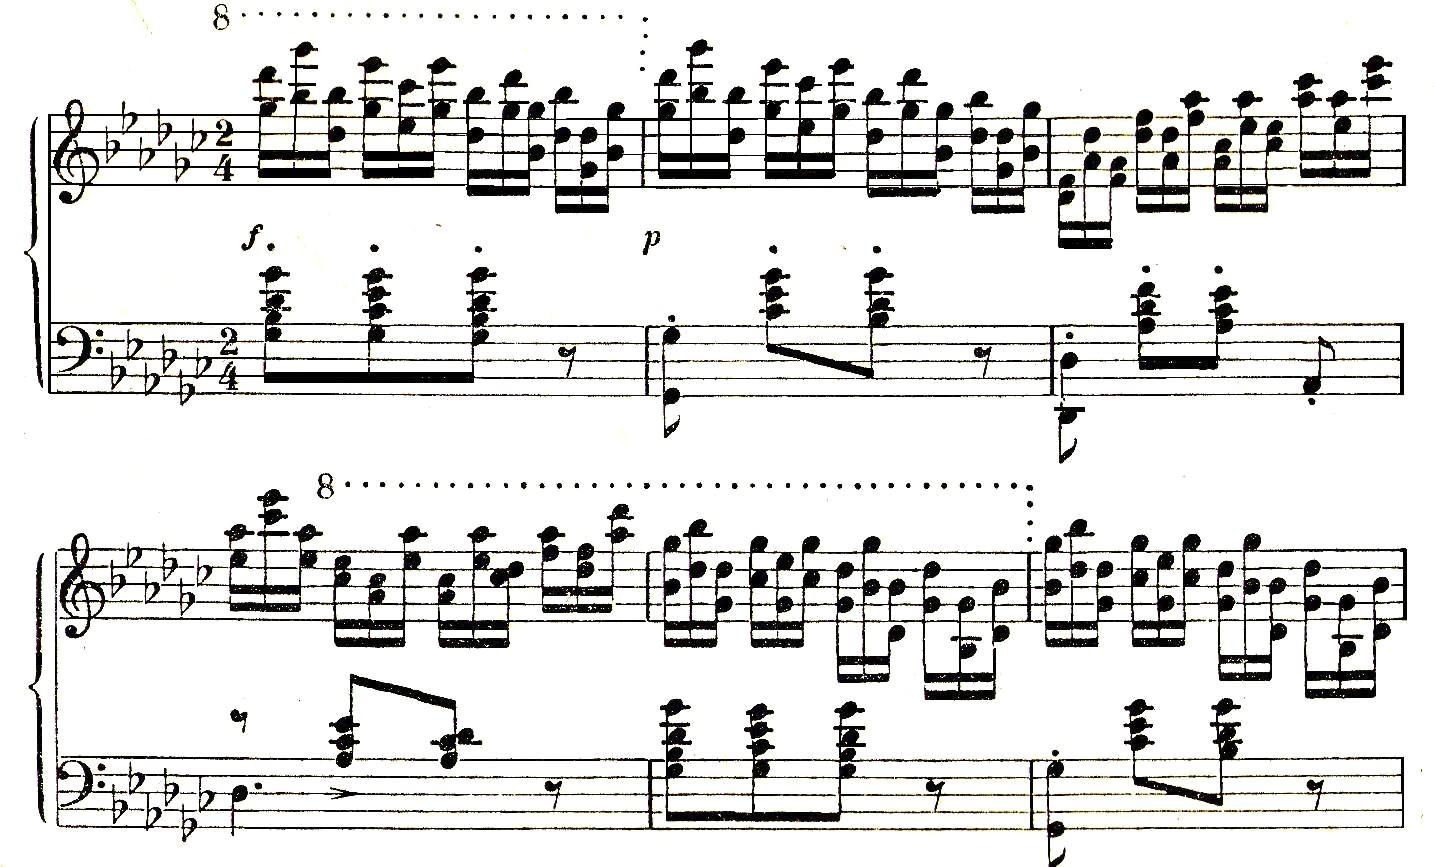 File:Chopin Op  10 No  5 Gaston arrangement jpg - Wikimedia